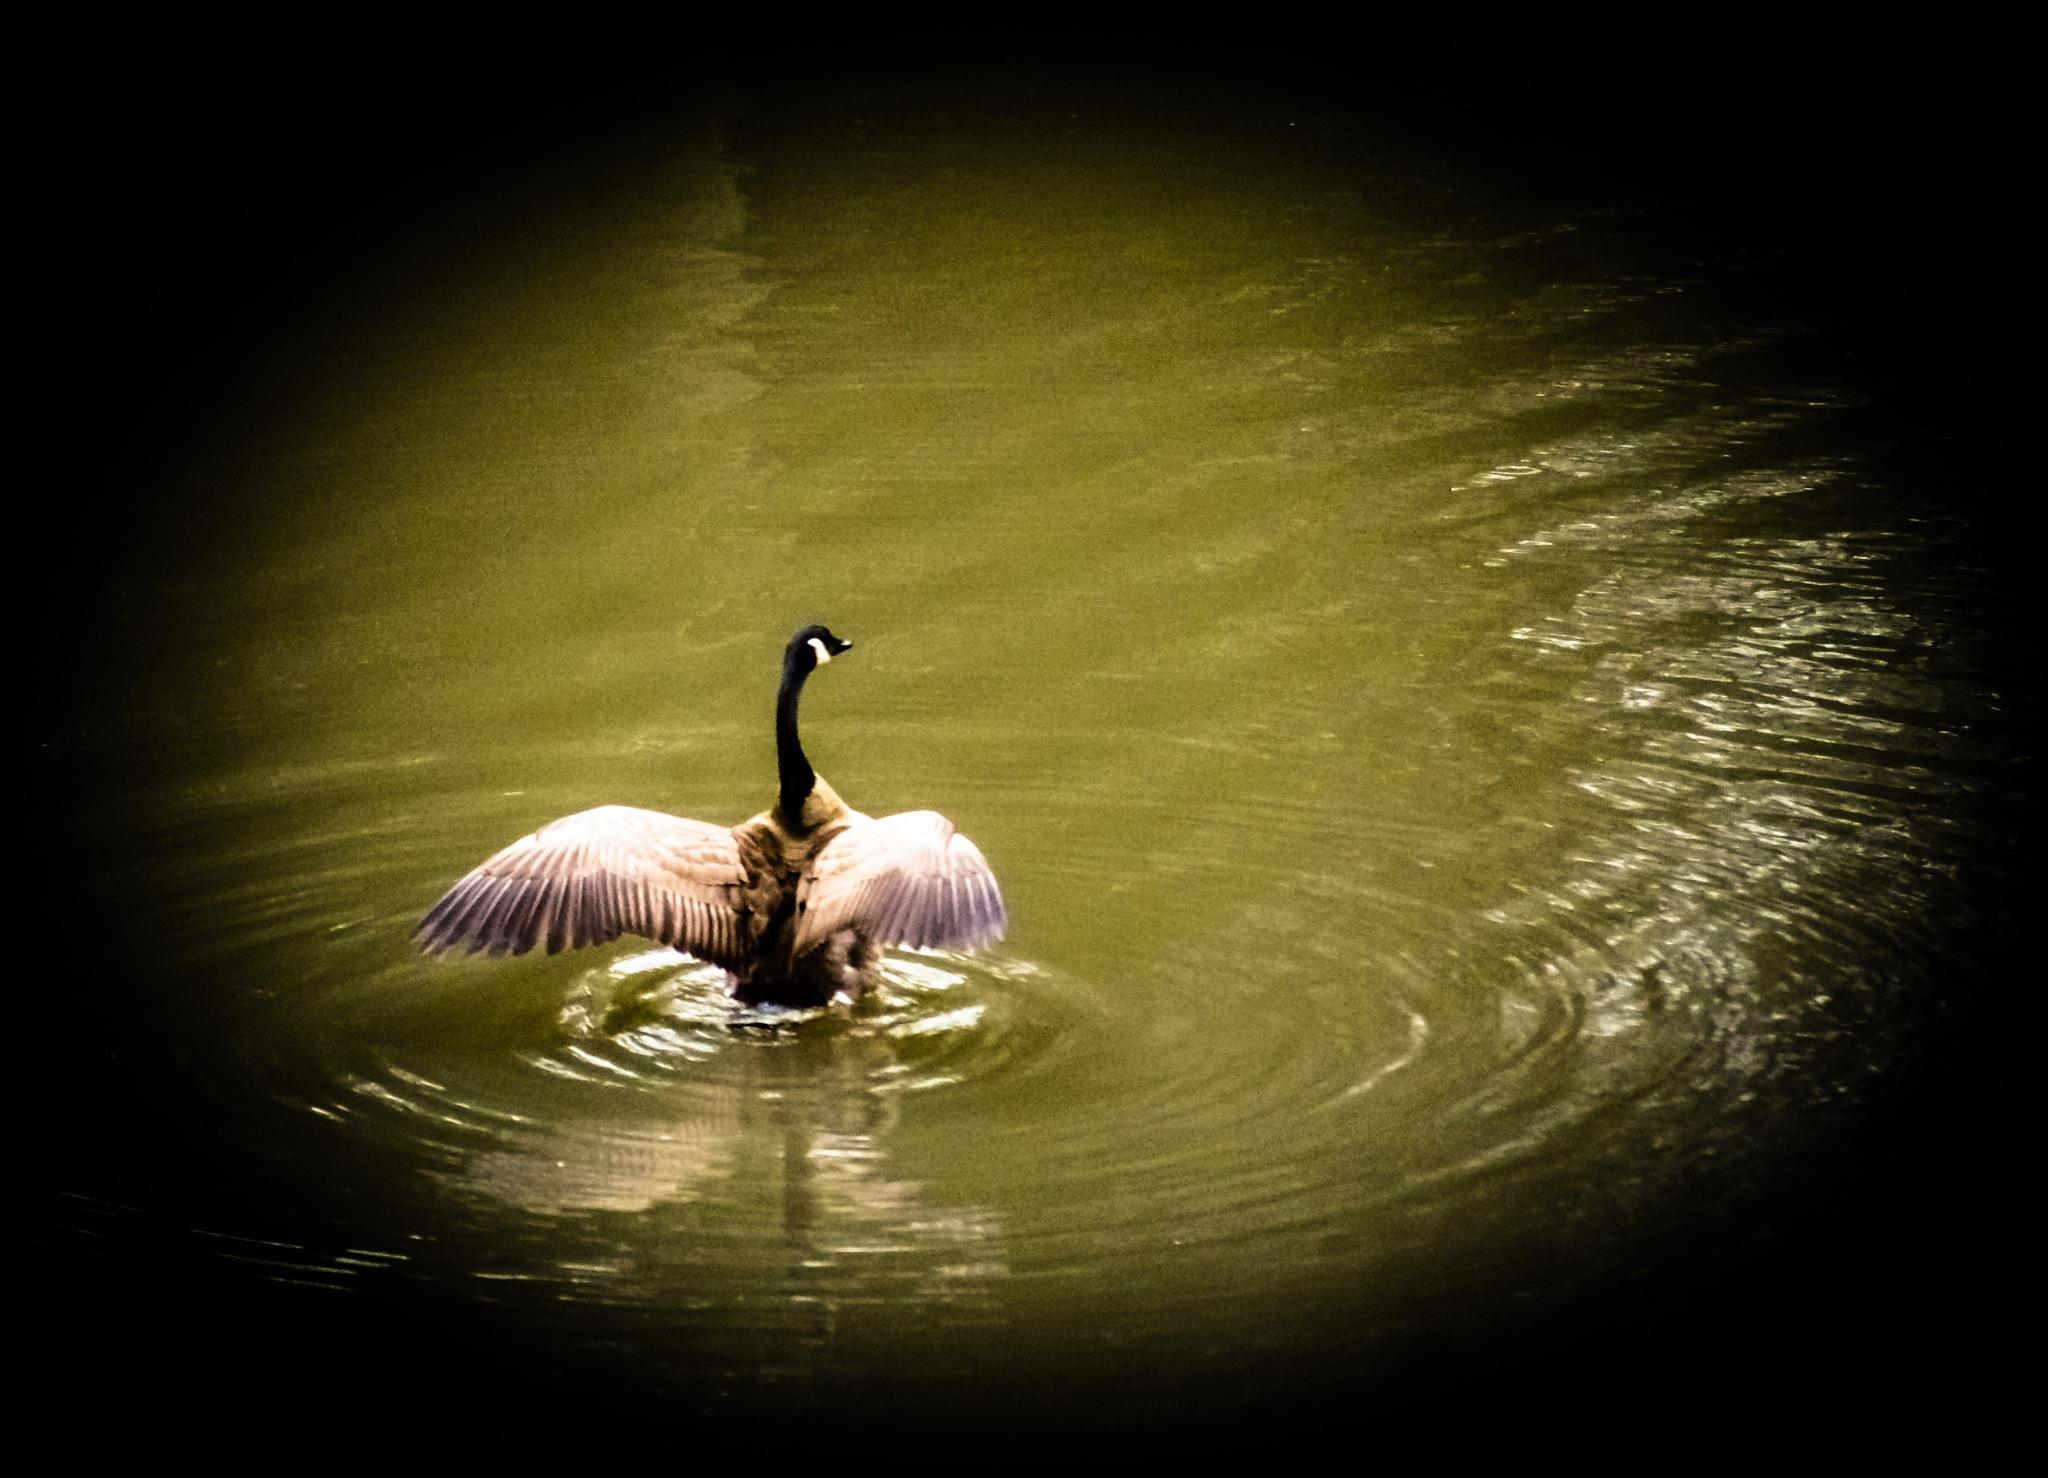 Canadian goose by Bonnie Rhoades